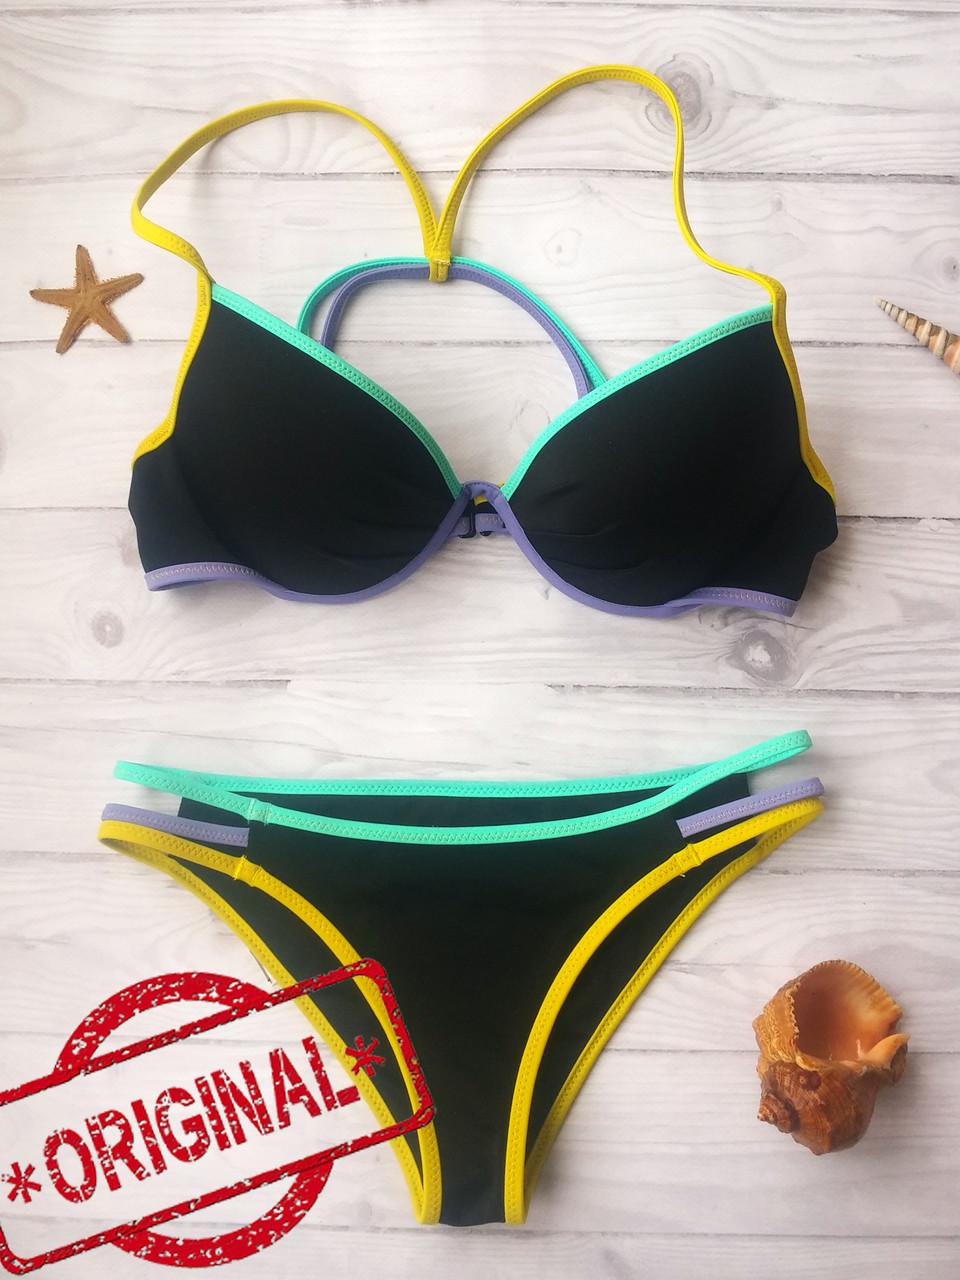 Купальник Раздельный Victoria's Secret плавки ExtraSmall, топ - 32C 70C Оригинал,  Виктория Сикрет